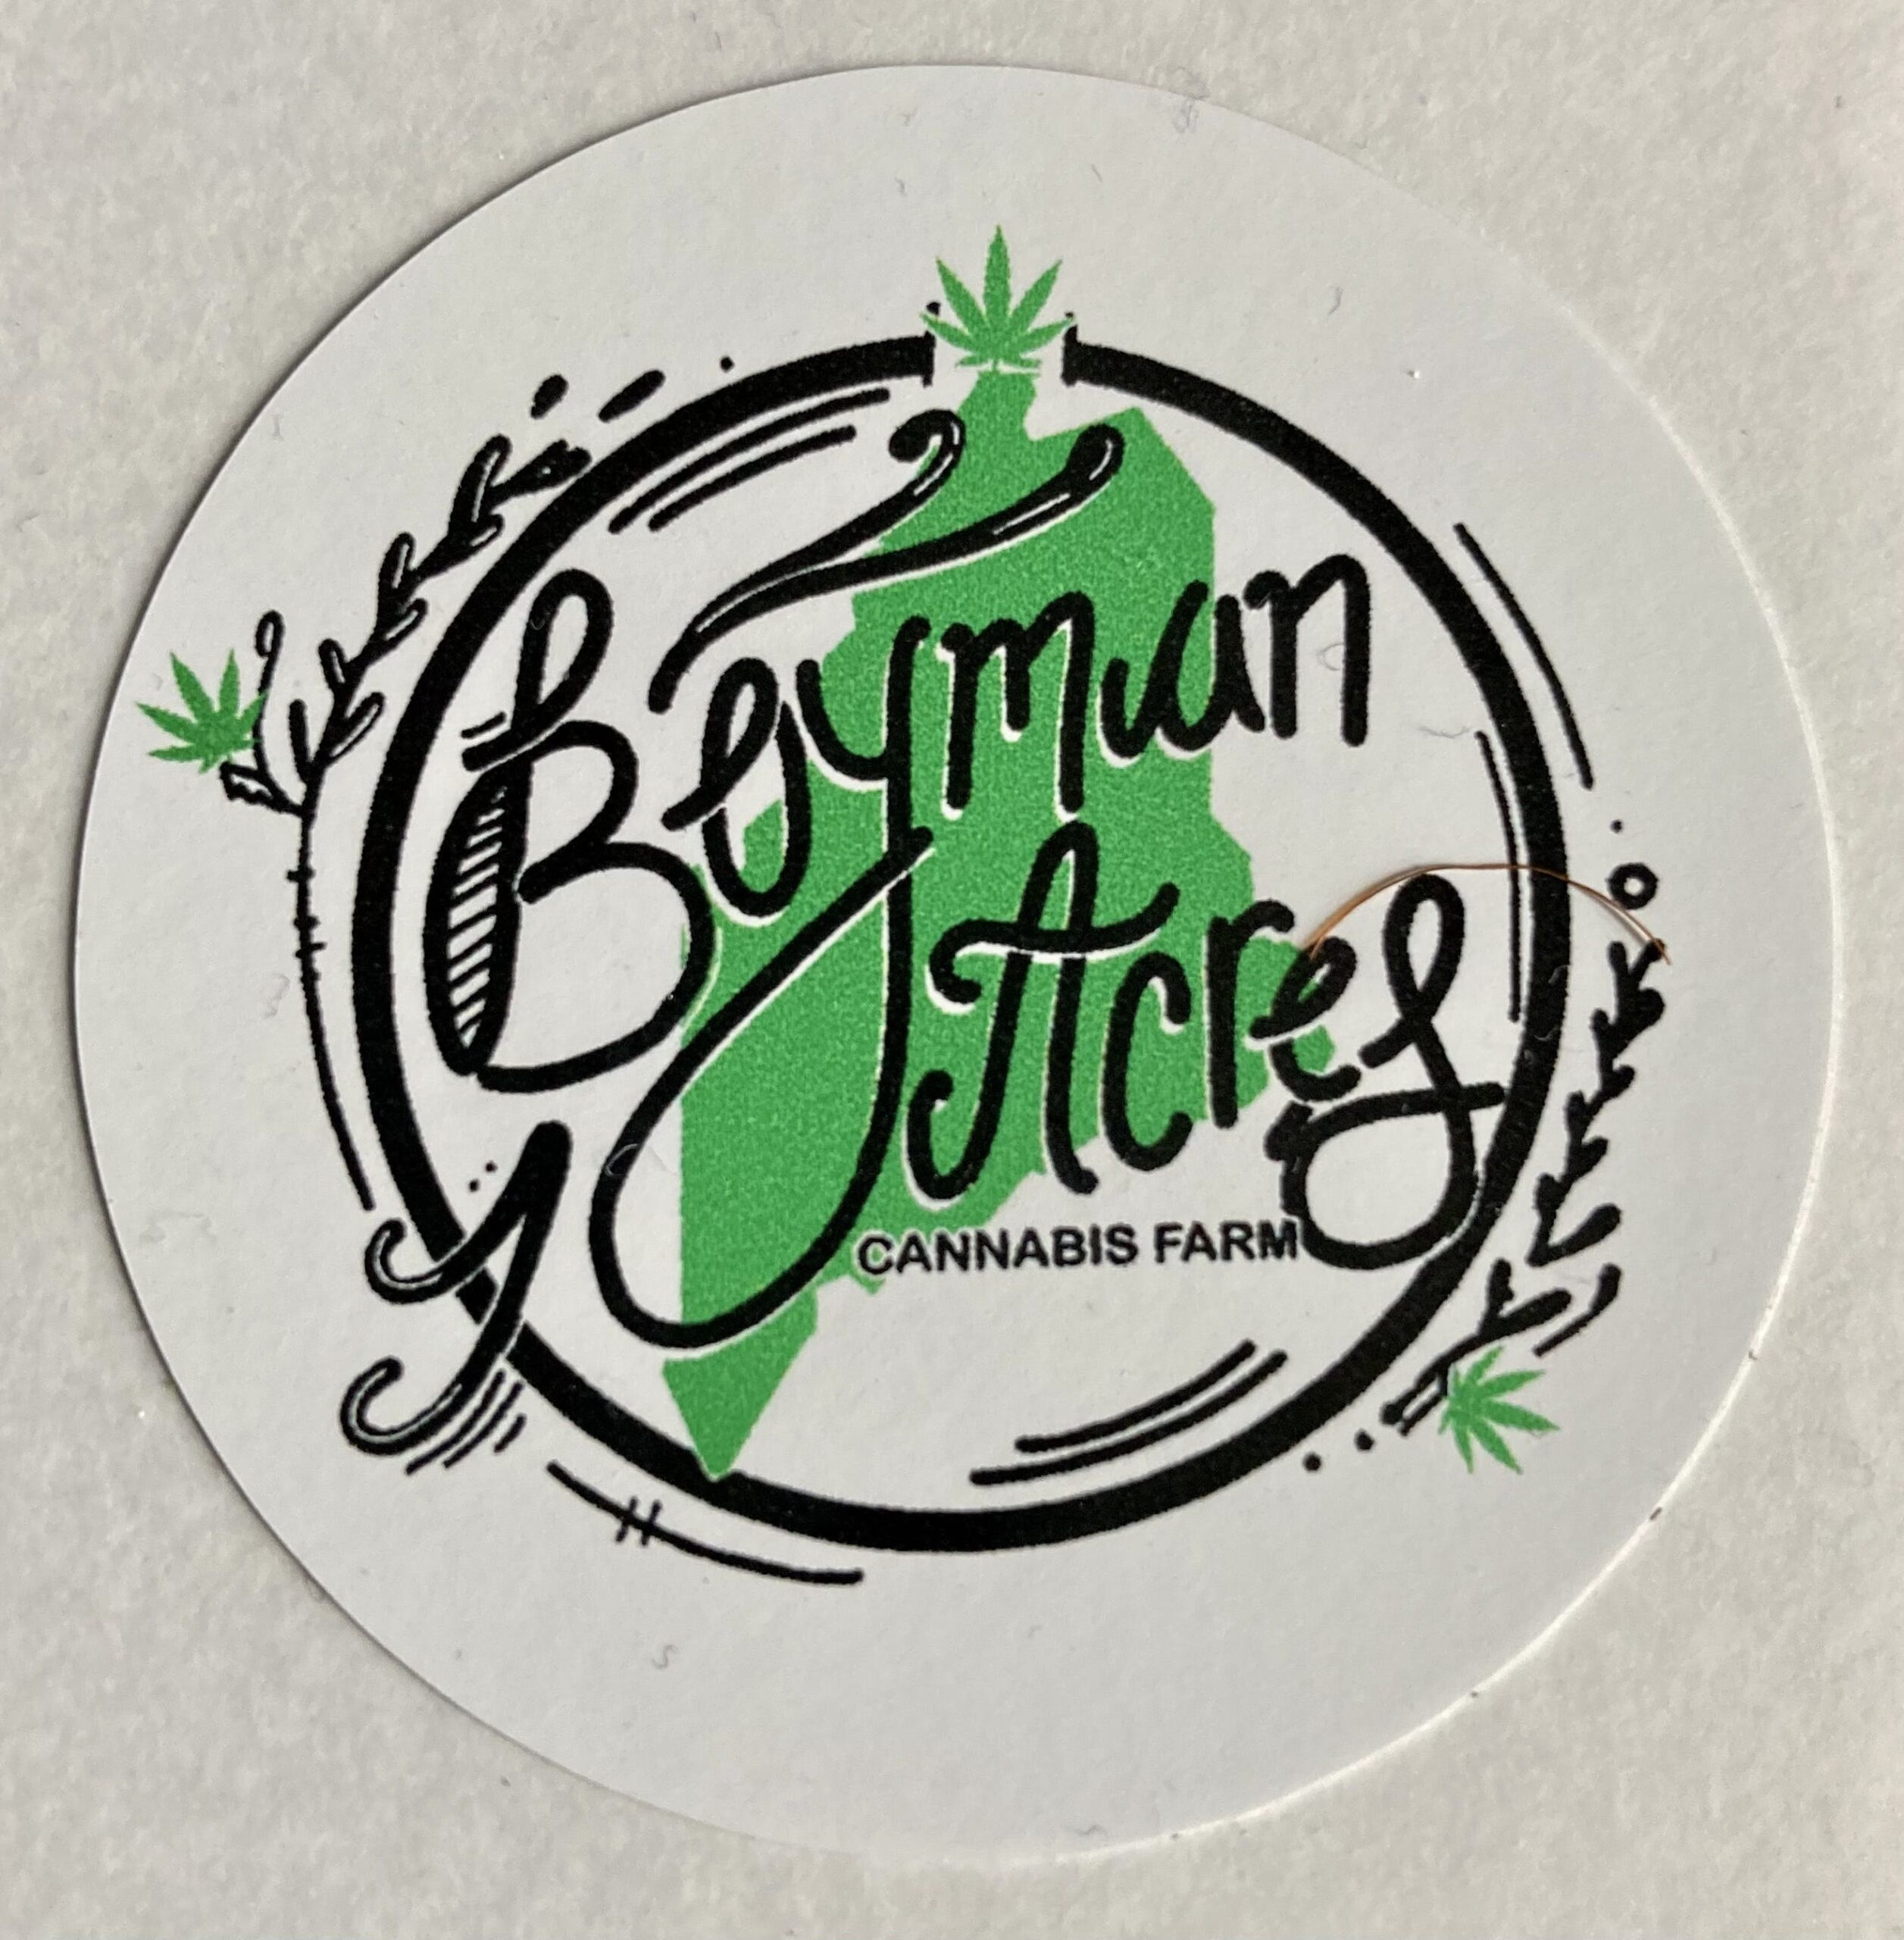 Boyman Acres Cannabis Farm